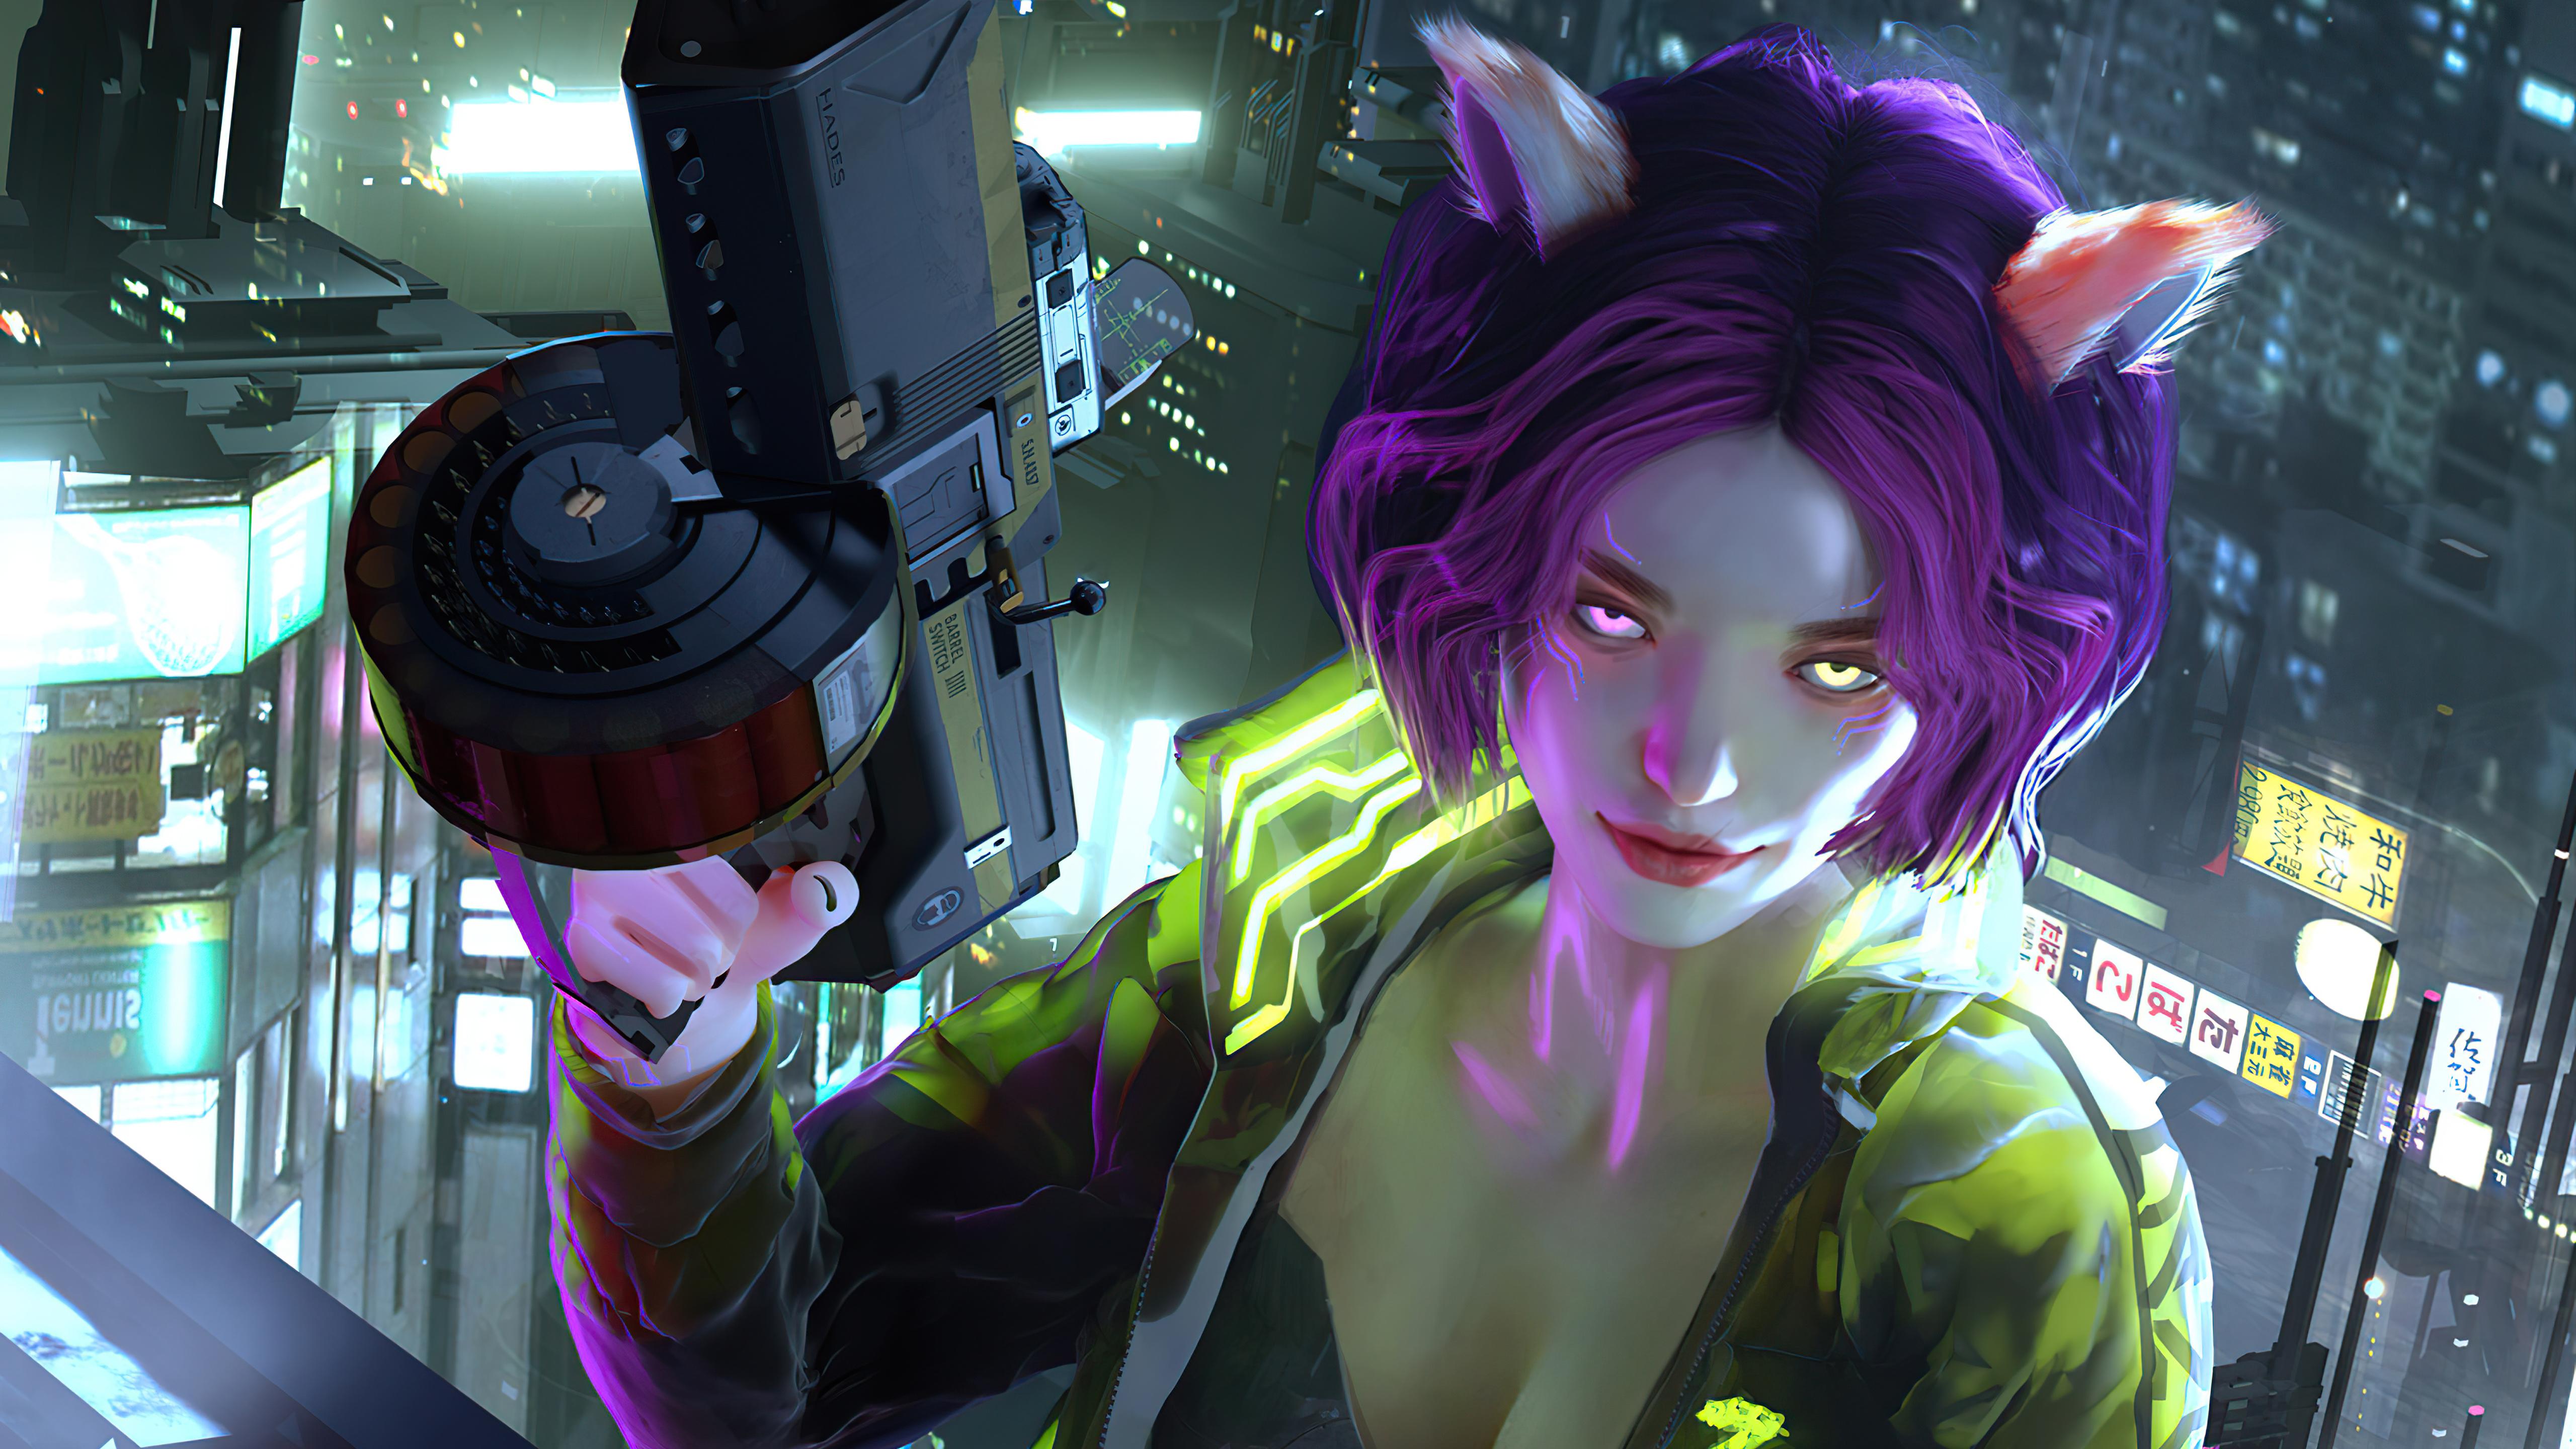 cyberpunk red girl glowing eyes 4k 1608659078 - Cyberpunk Red Girl Glowing Eyes 4k - Cyberpunk Red Girl Glowing Eyes 4k wallpapers